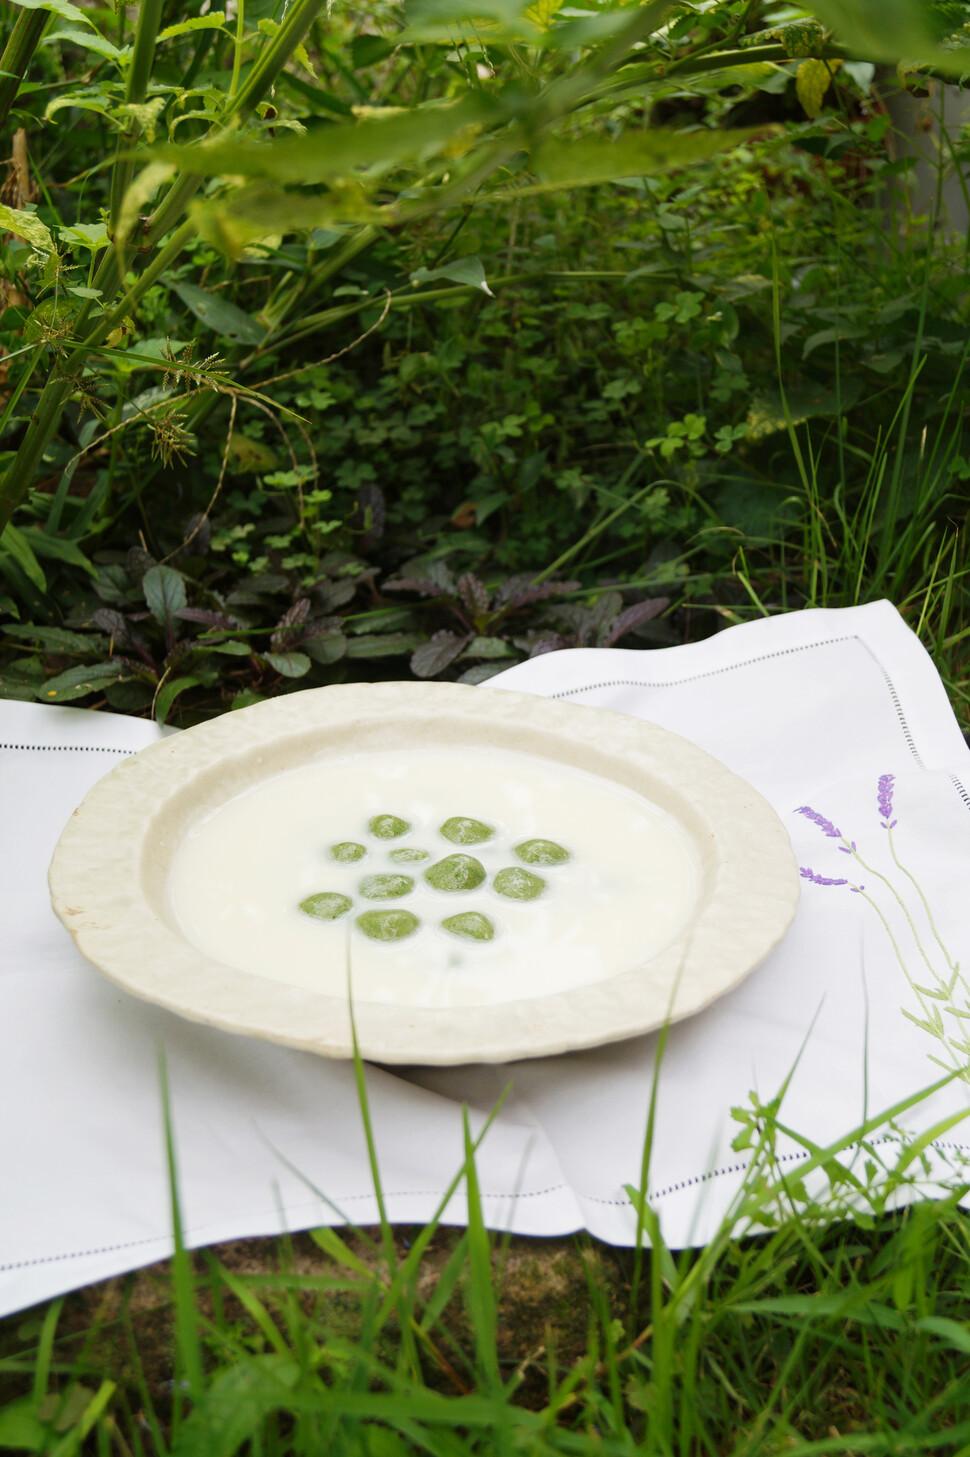 야생초요리가 권포근씨가 만든 환삼덩굴옹심이 요리